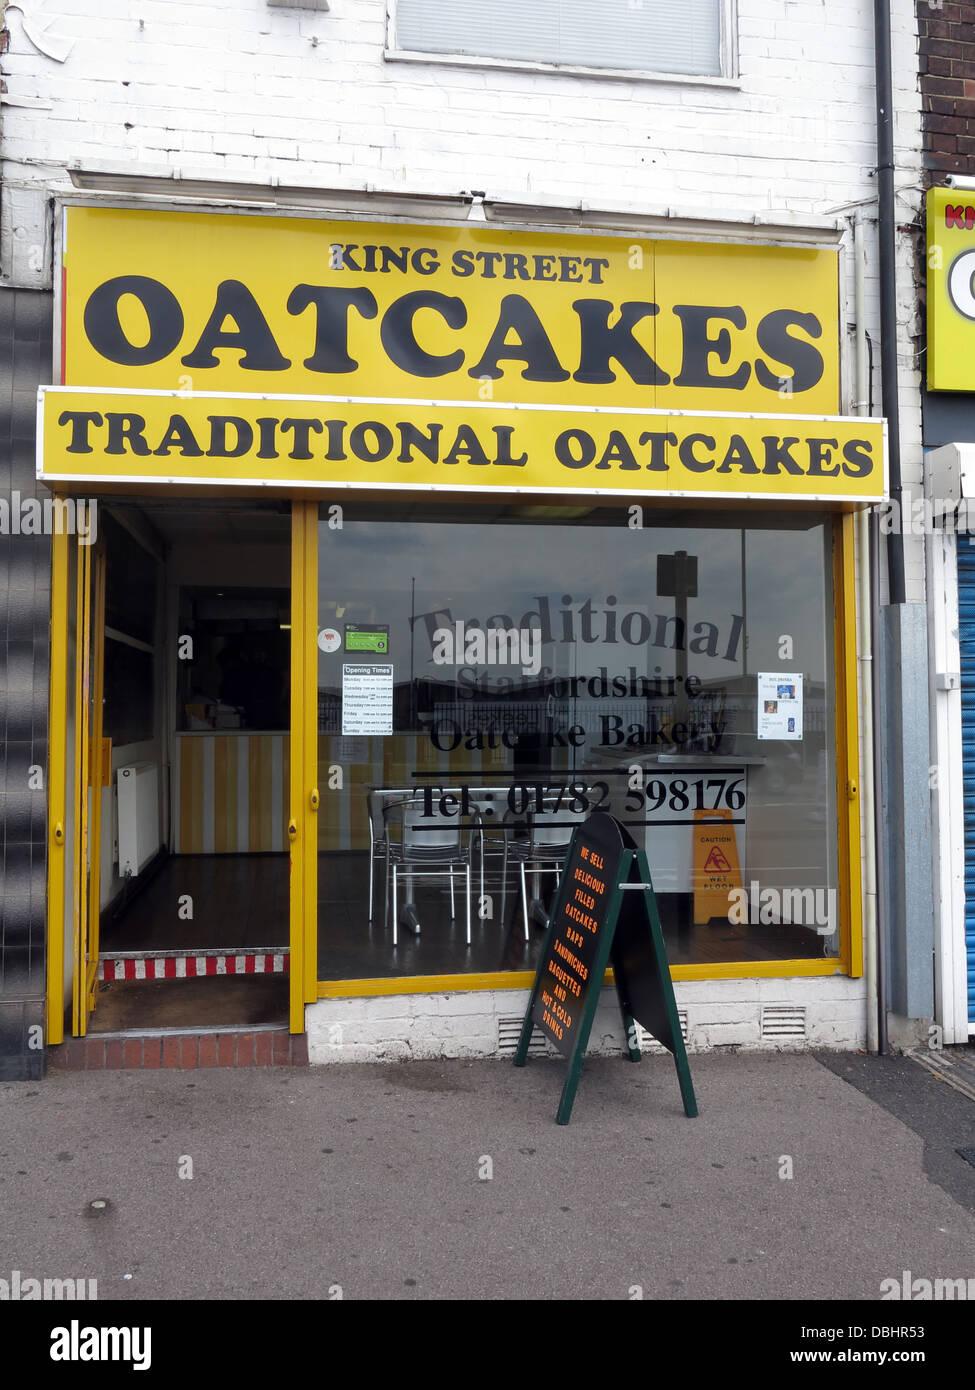 Laden Sie dieses Alamy Stockfoto Außen von einem traditionellen Stoke / Staffordshire Oatcake Shop, mit hellen gelben Fassade. - DBHR53